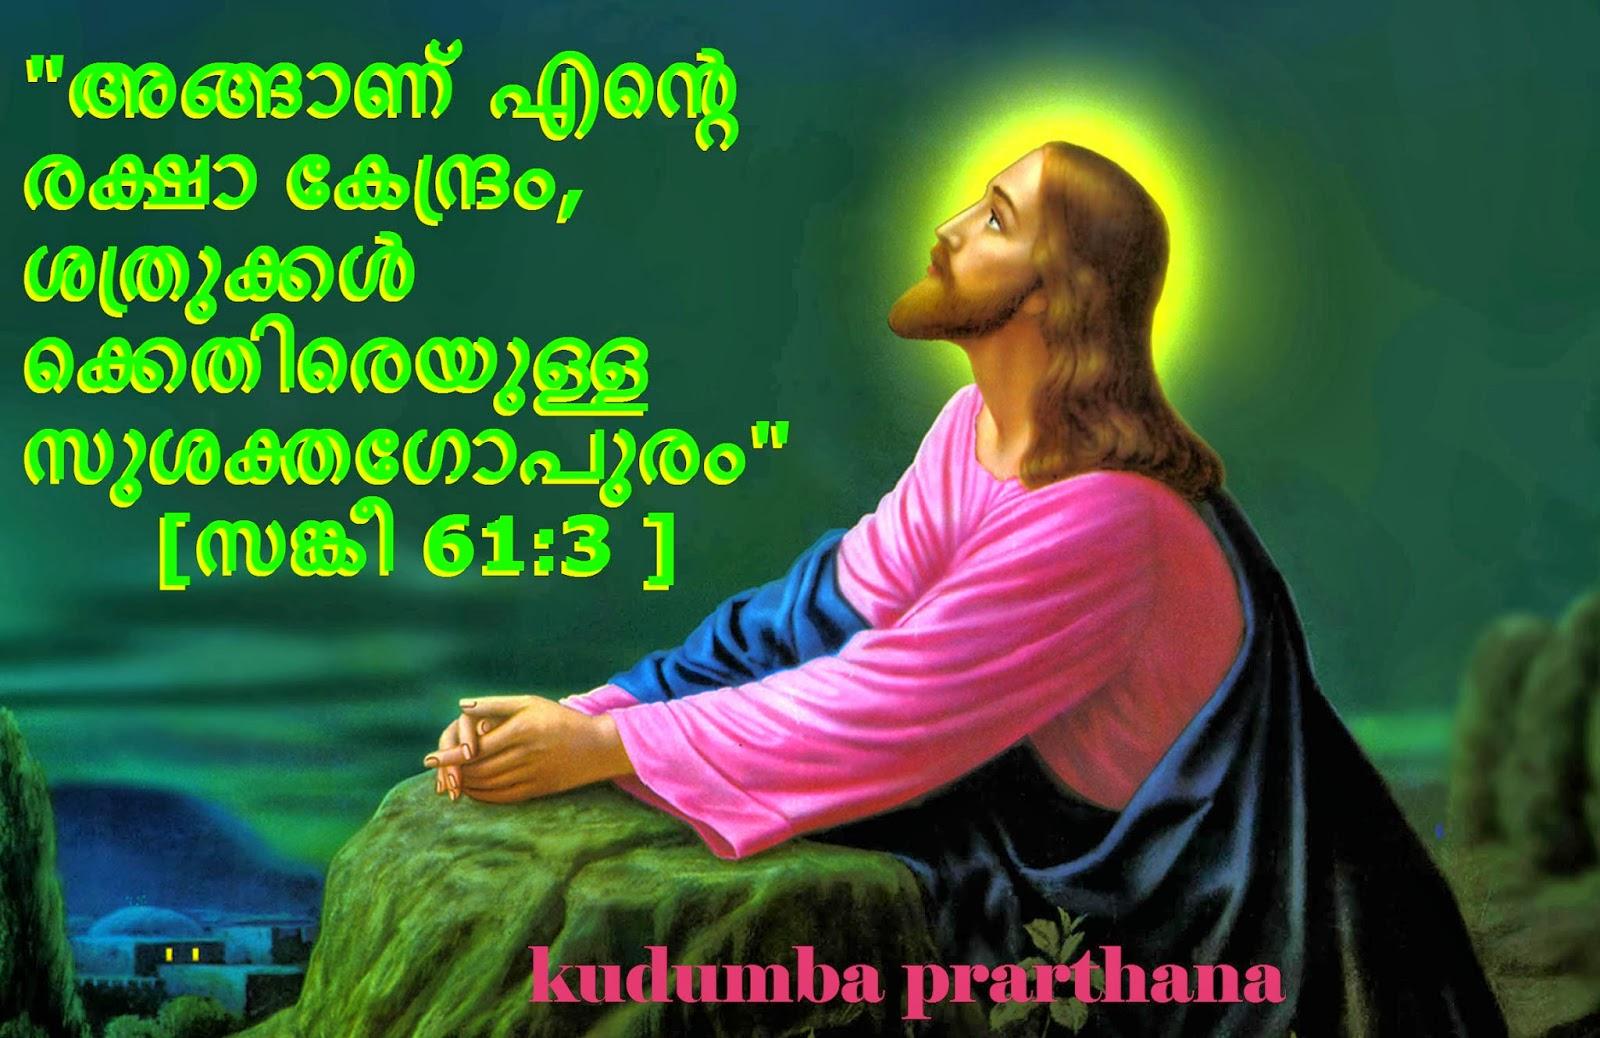 KUDUMBA PRARTHANA malayalam prayers: BIBLE VERSES Malayalam